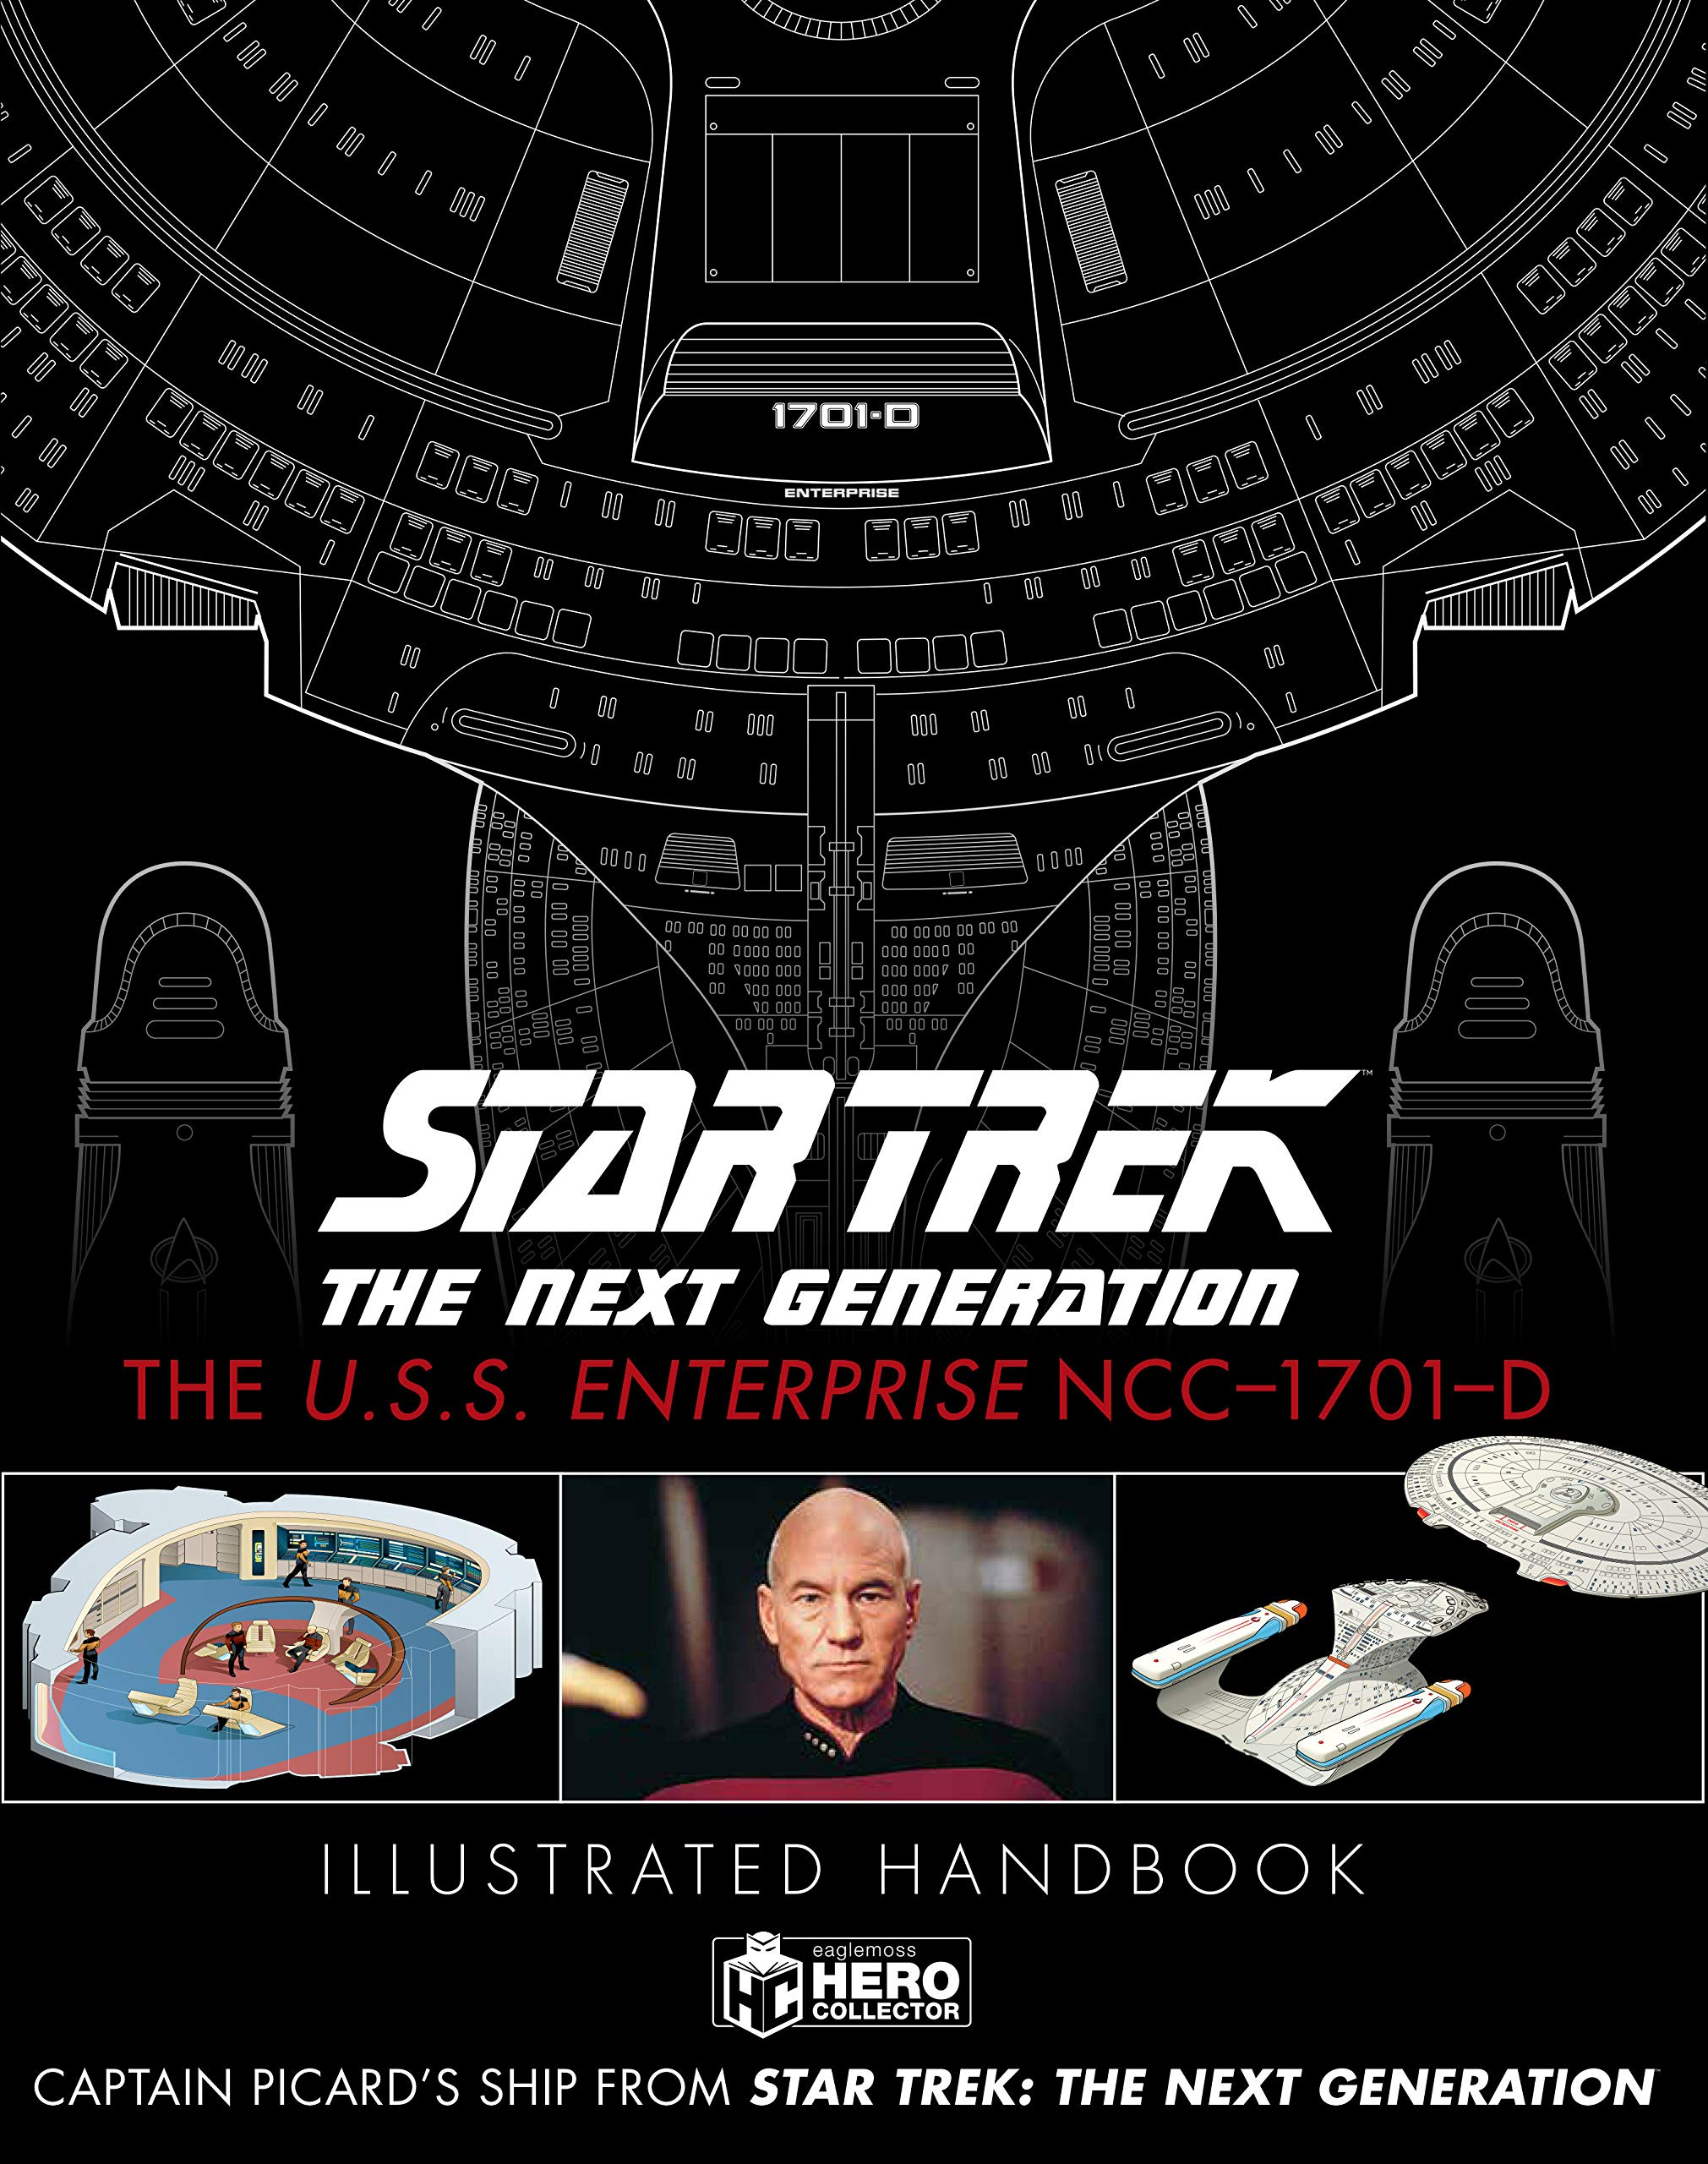 Star Trek: The Next Generation. The U.S.S. Enterprise NCC-1701-D